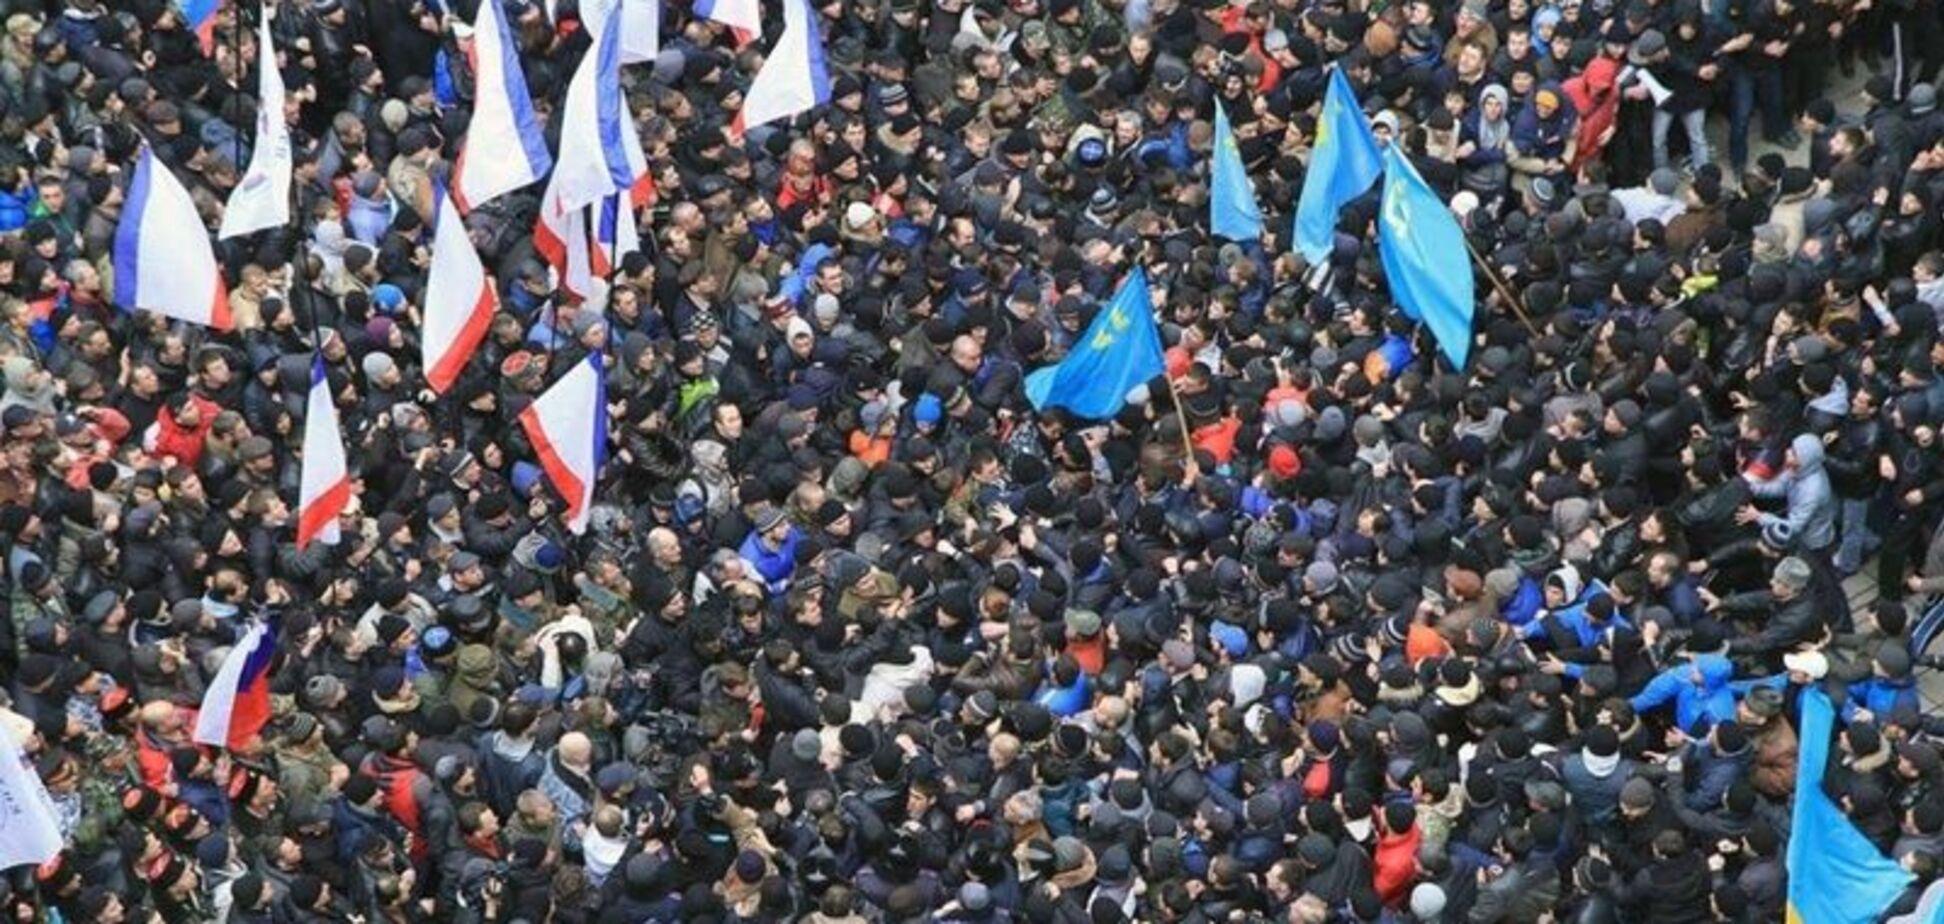 Захоплення Криму: прокуратура з'ясувала нові дані про військових РФ